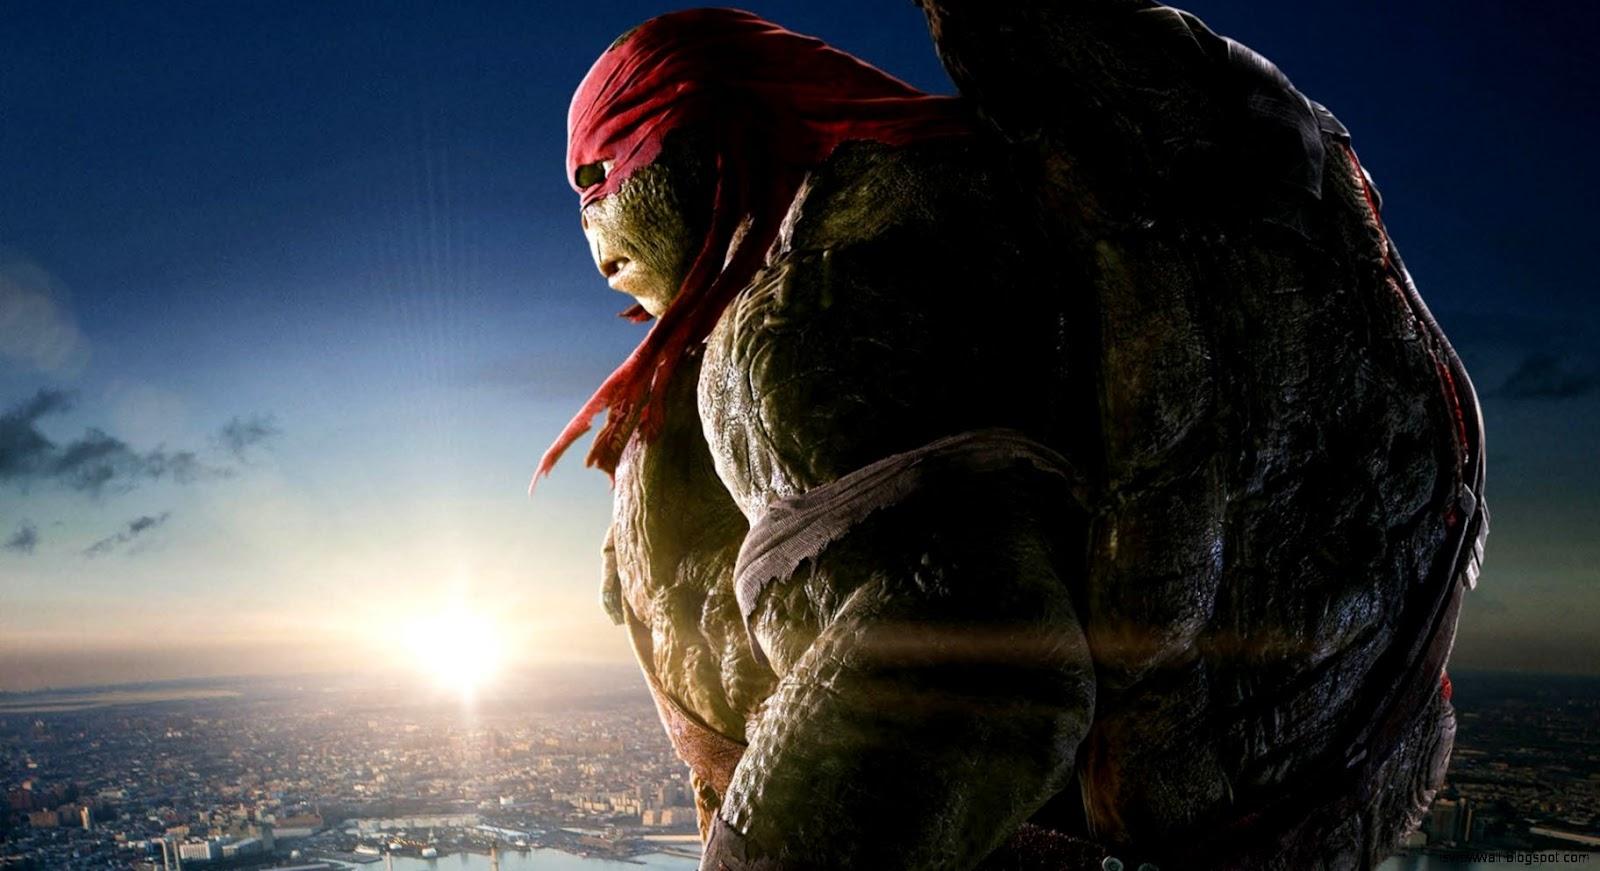 Teenage Mutant Ninja Turtles 2 Wallpapers View Wallpapers